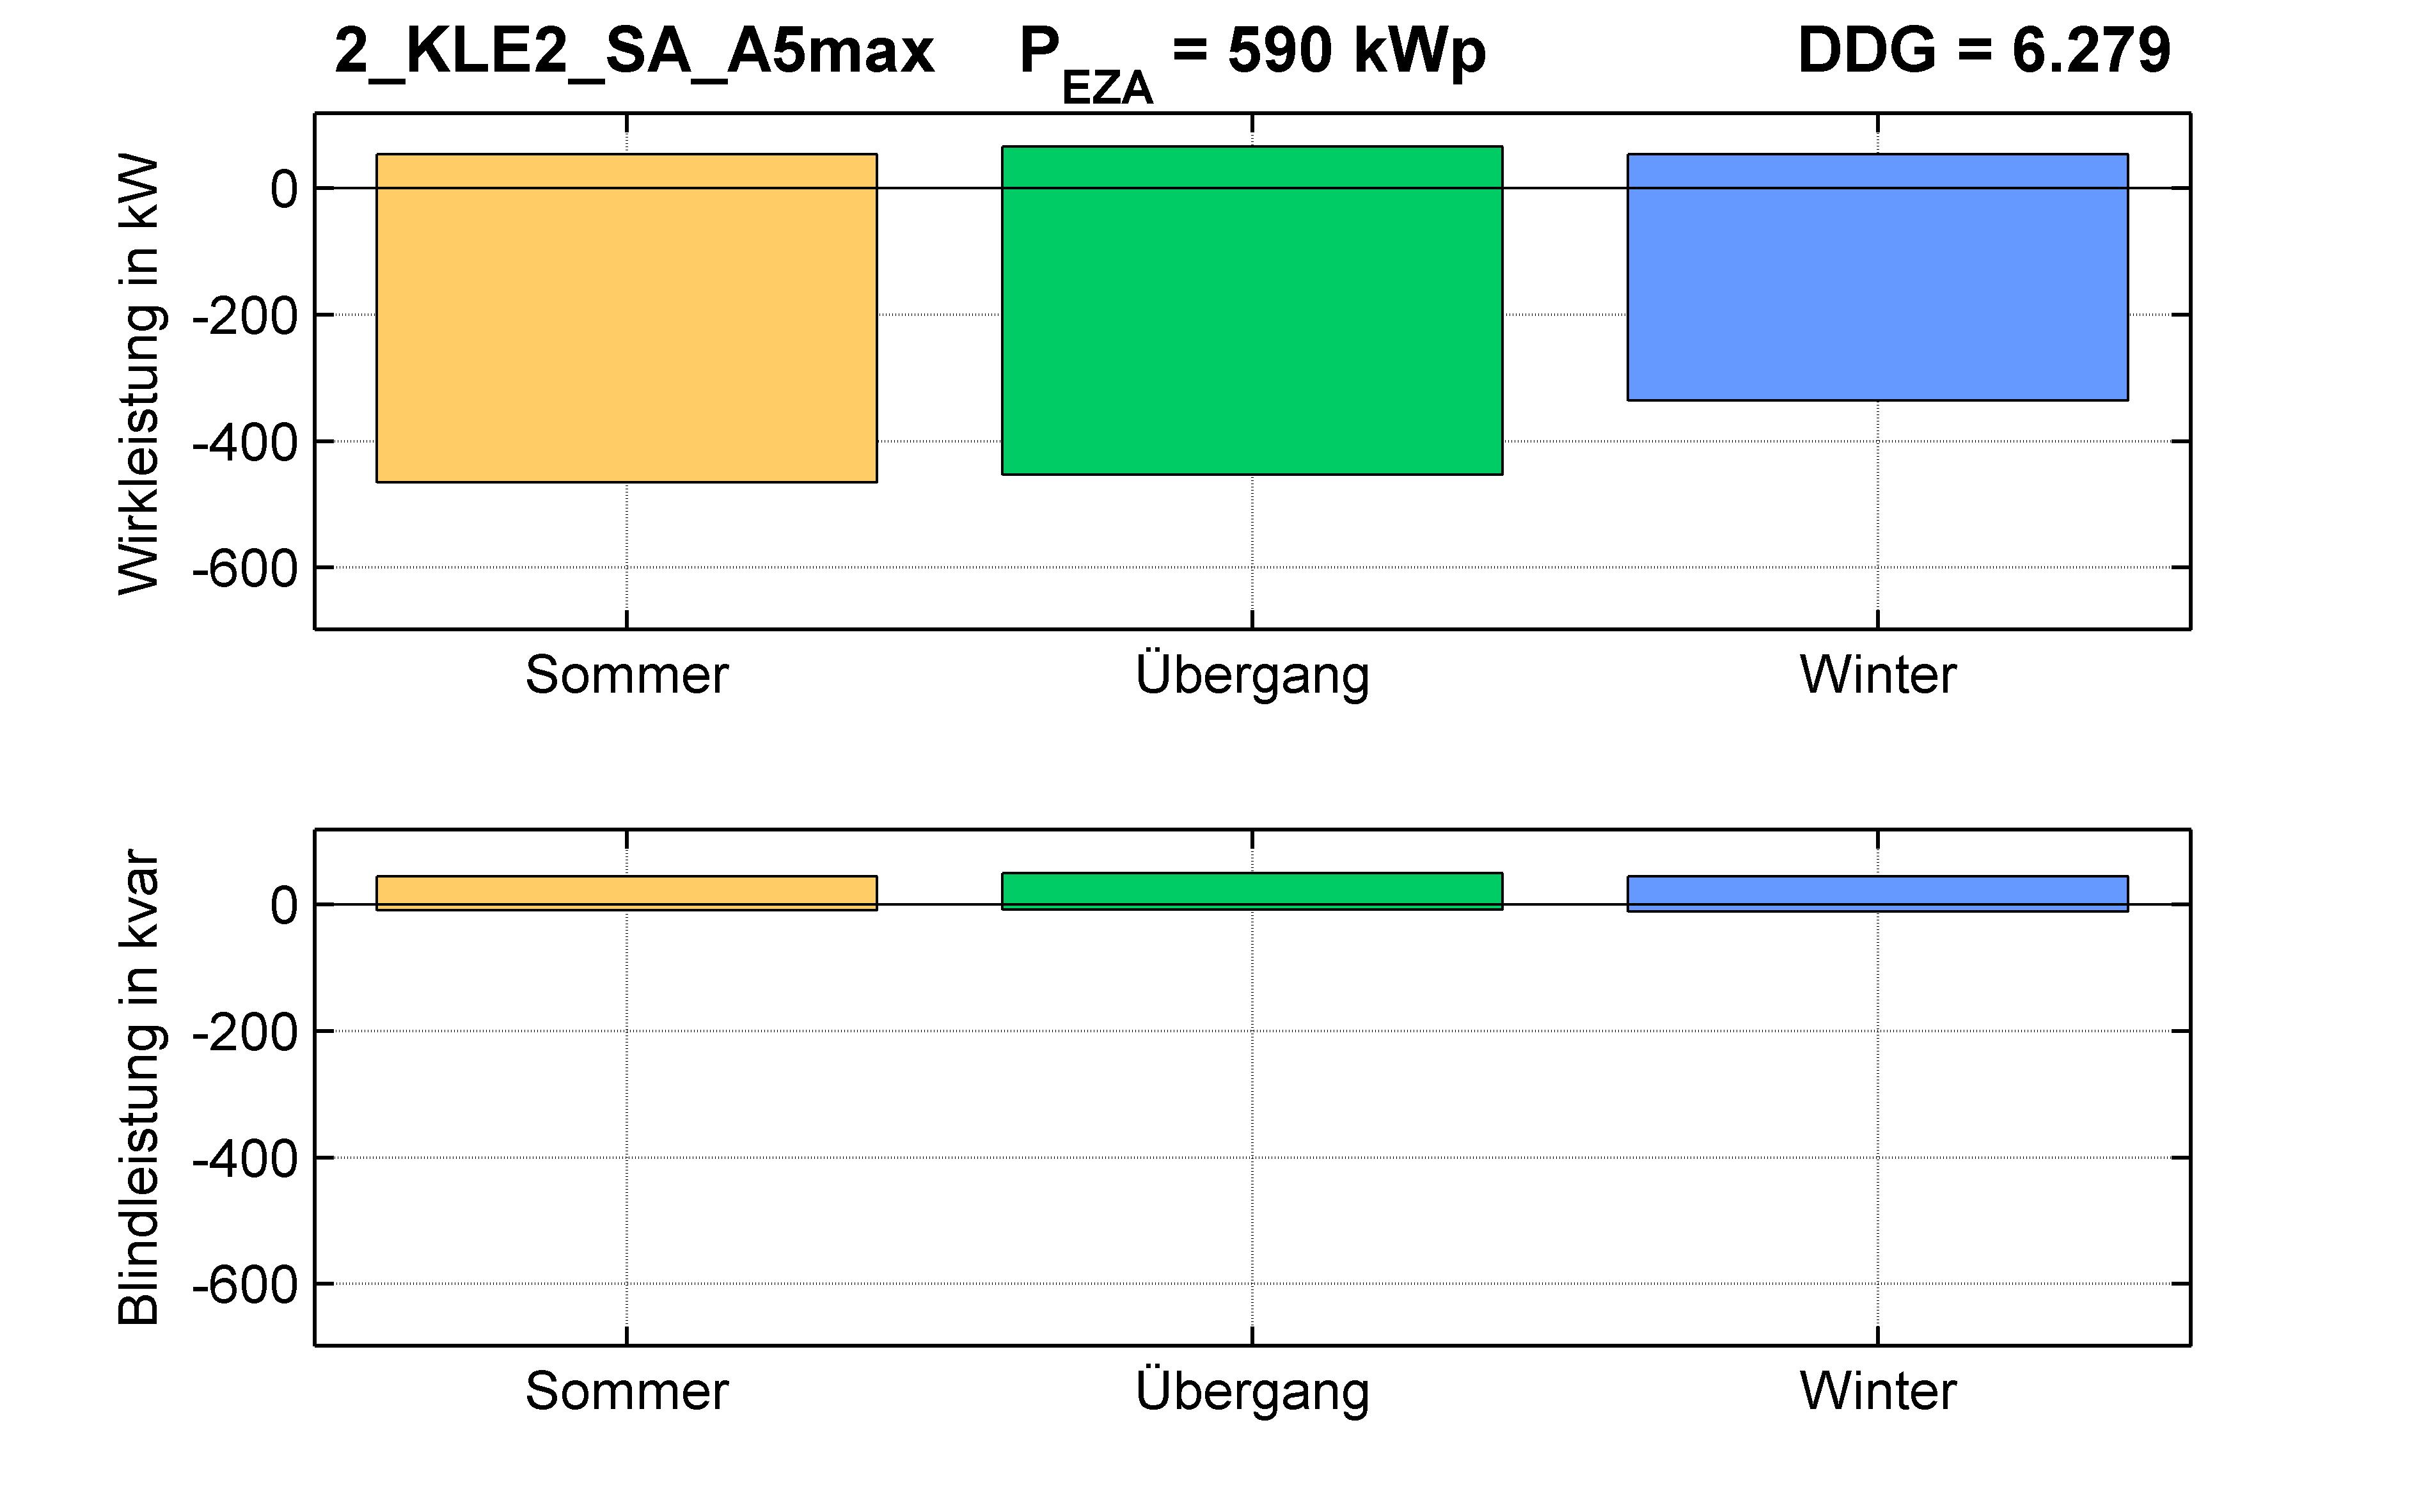 KLE2 | P-Kappung 85% (SA) A5max | PQ-Bilanz